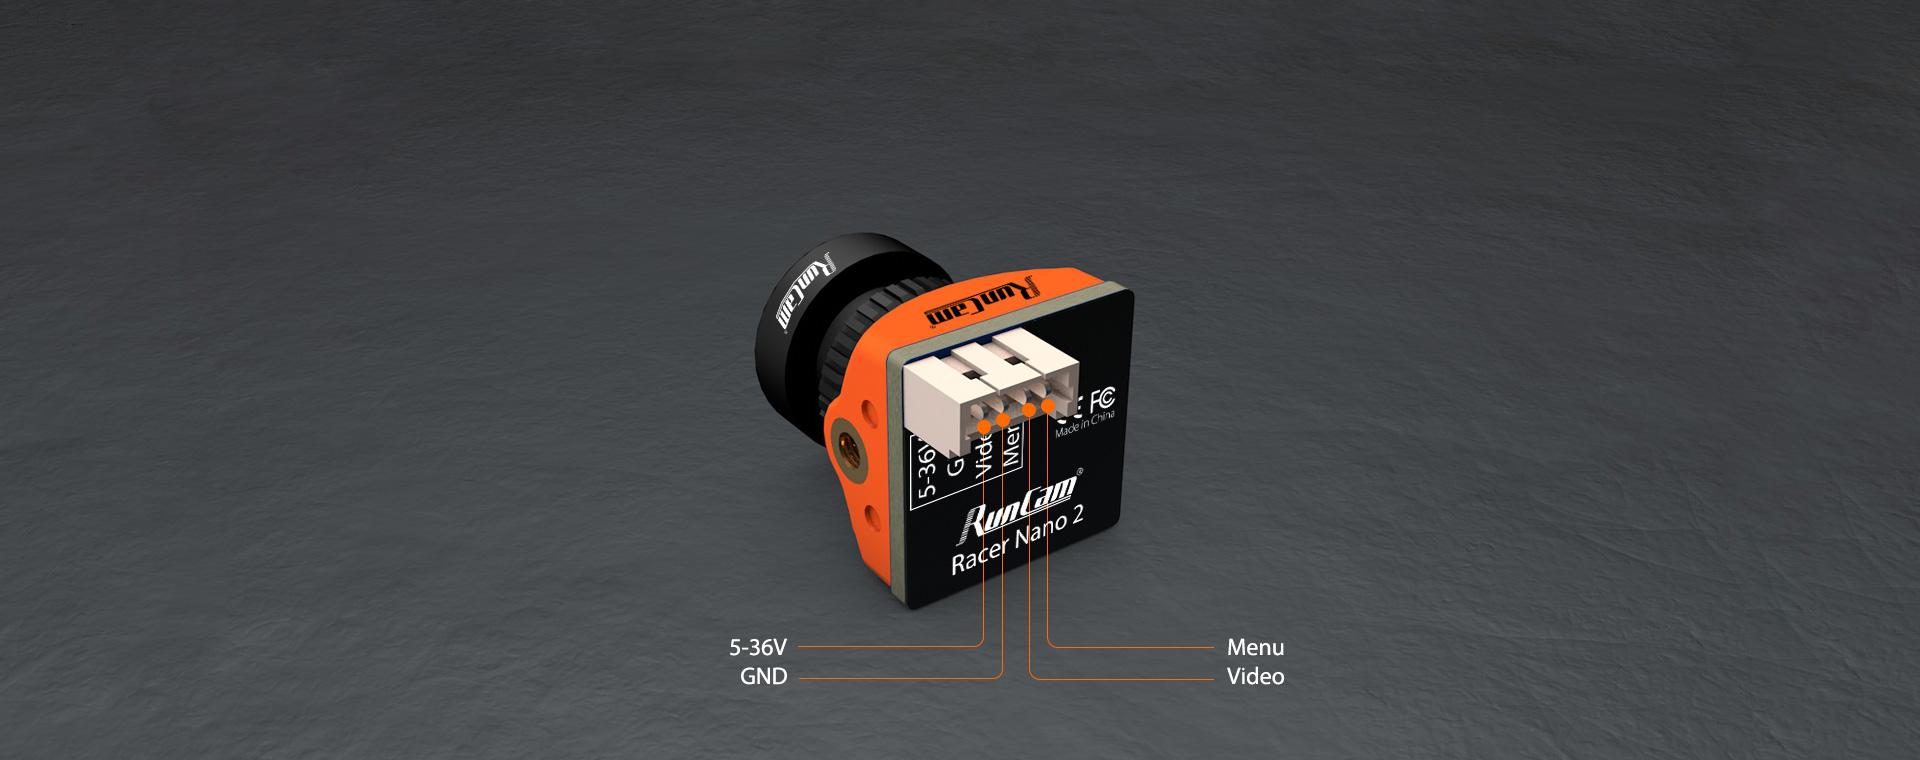 RunCam Racer Nano 2